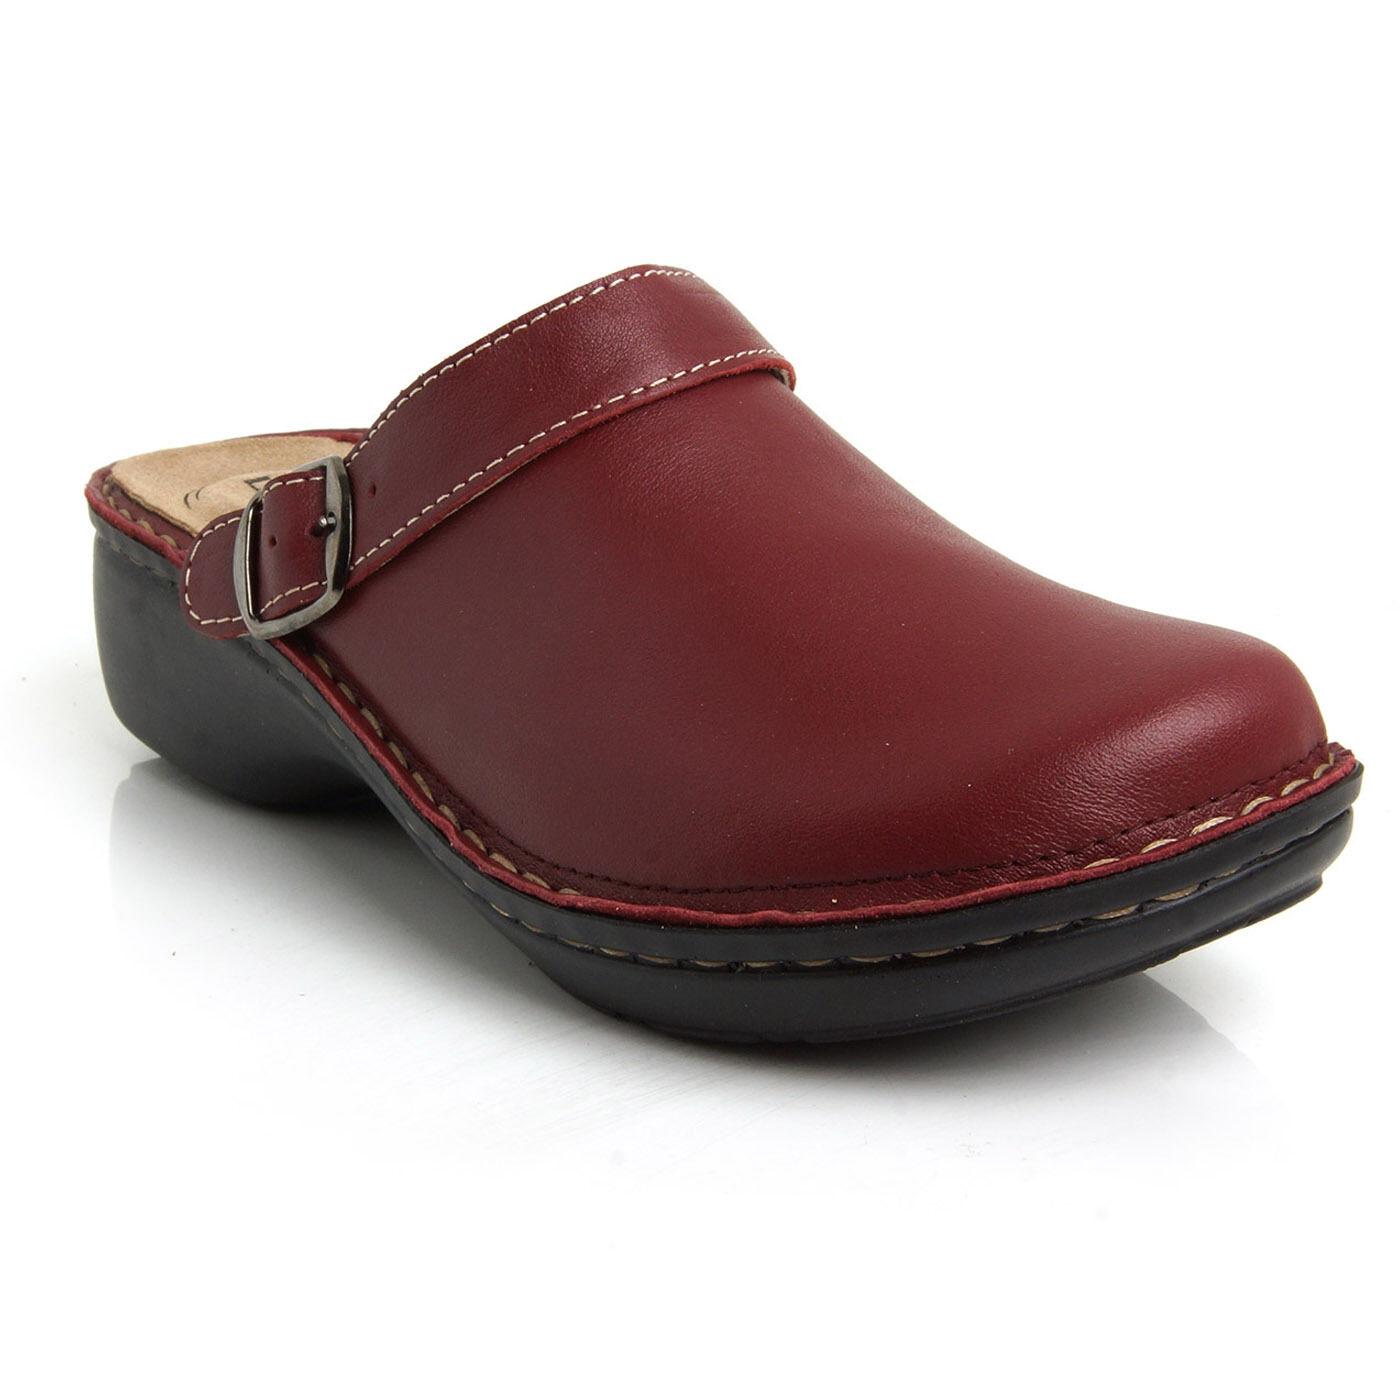 Batz mira las zonas de 5 Rojo Oscuro para Mujer de Cuero Zapatos Sandalias Mulas Zuecos Slip On Nuevo